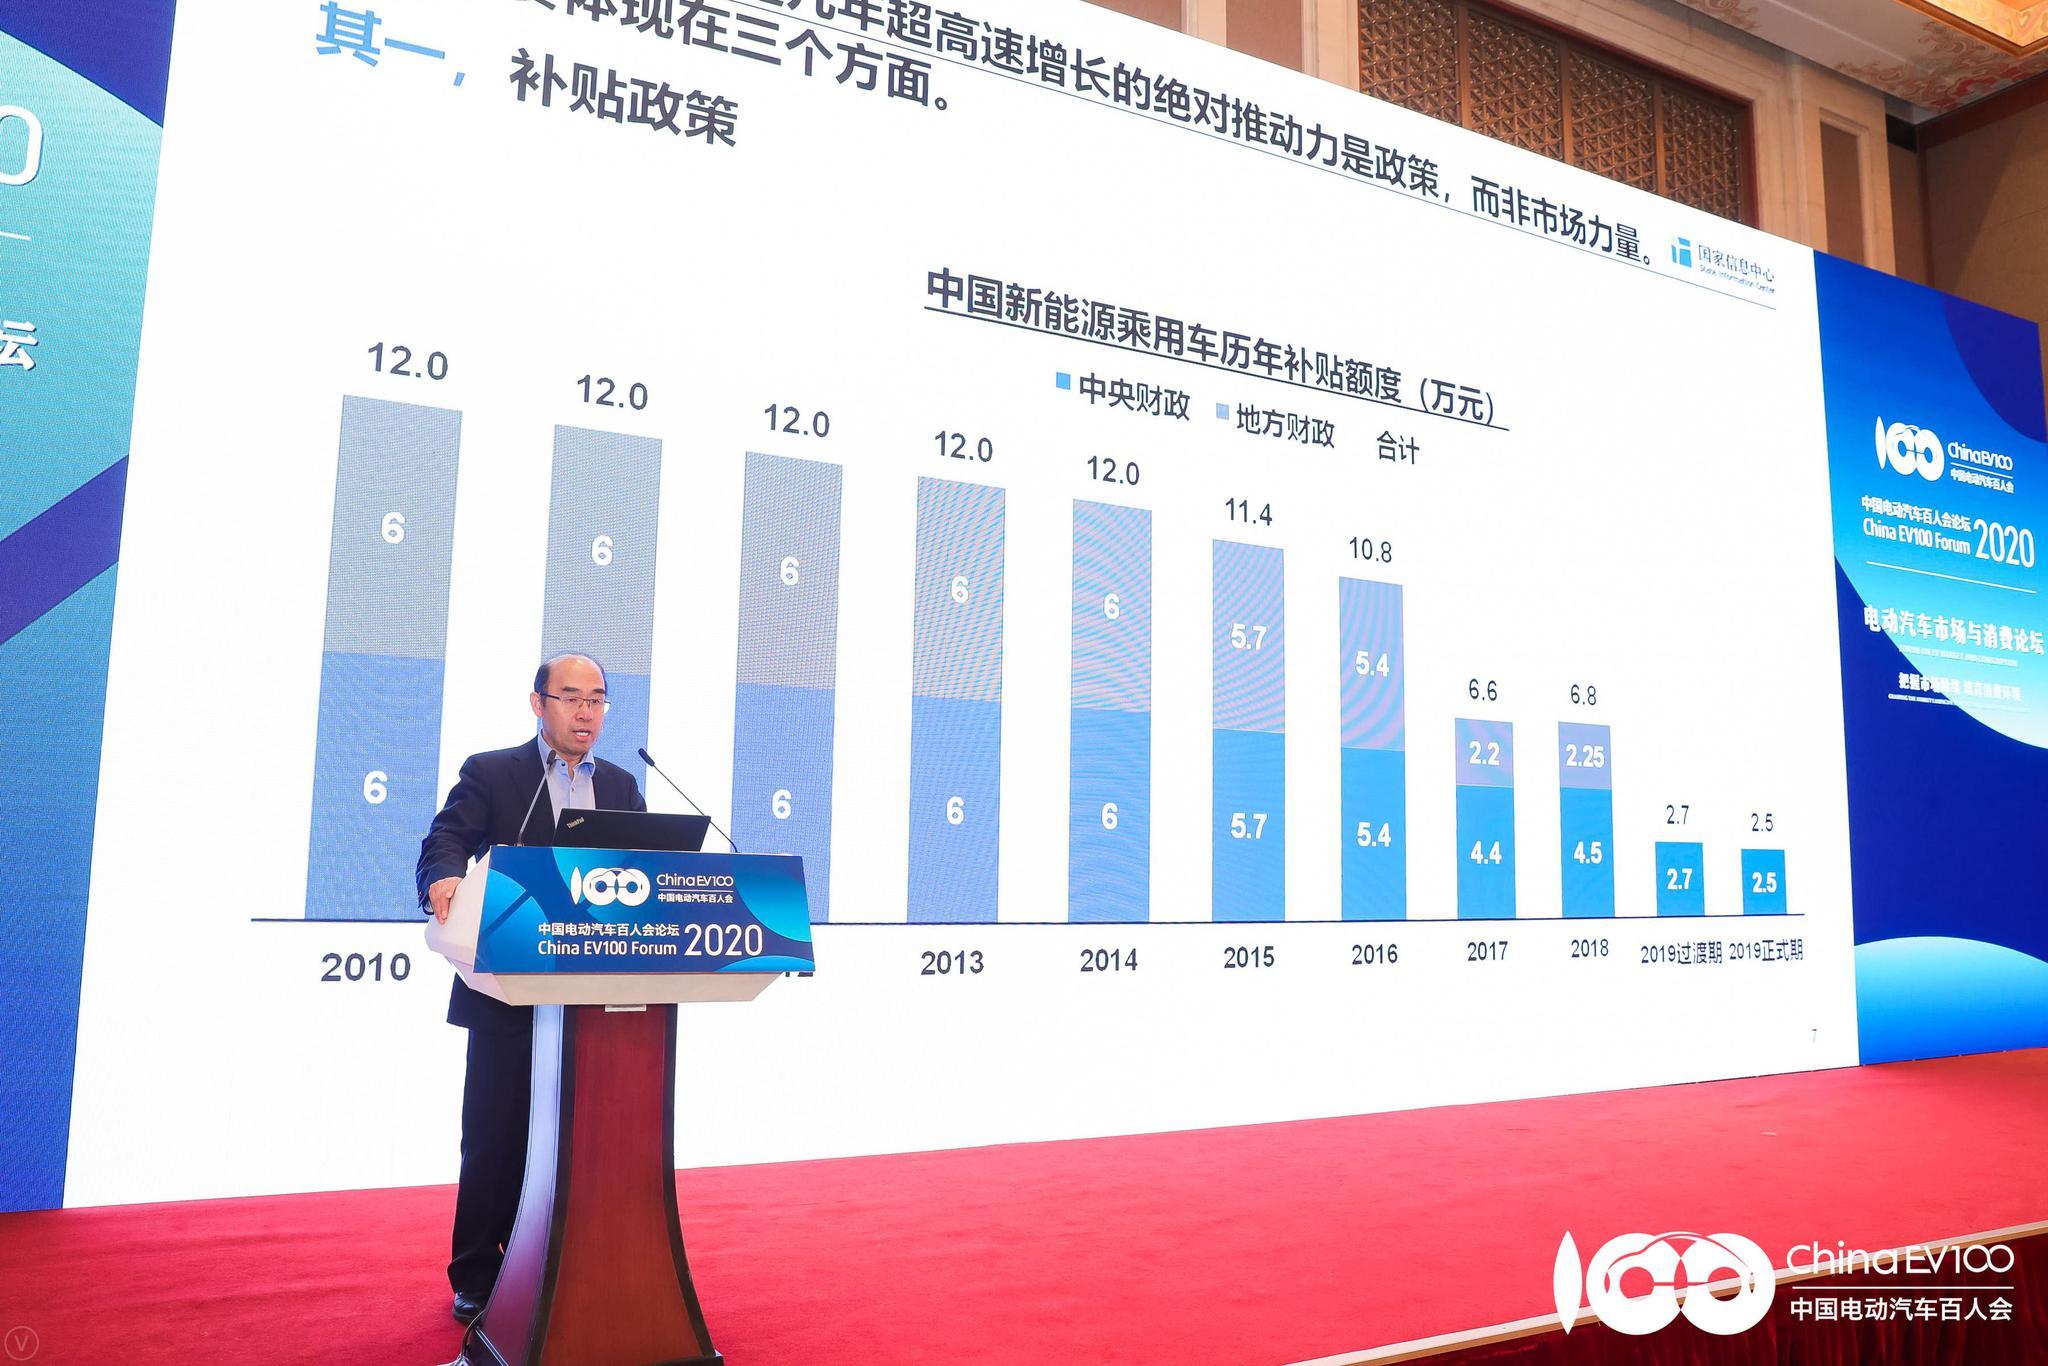 徐长明:新能源汽车尚未到由市场驱动发展的阶段图片